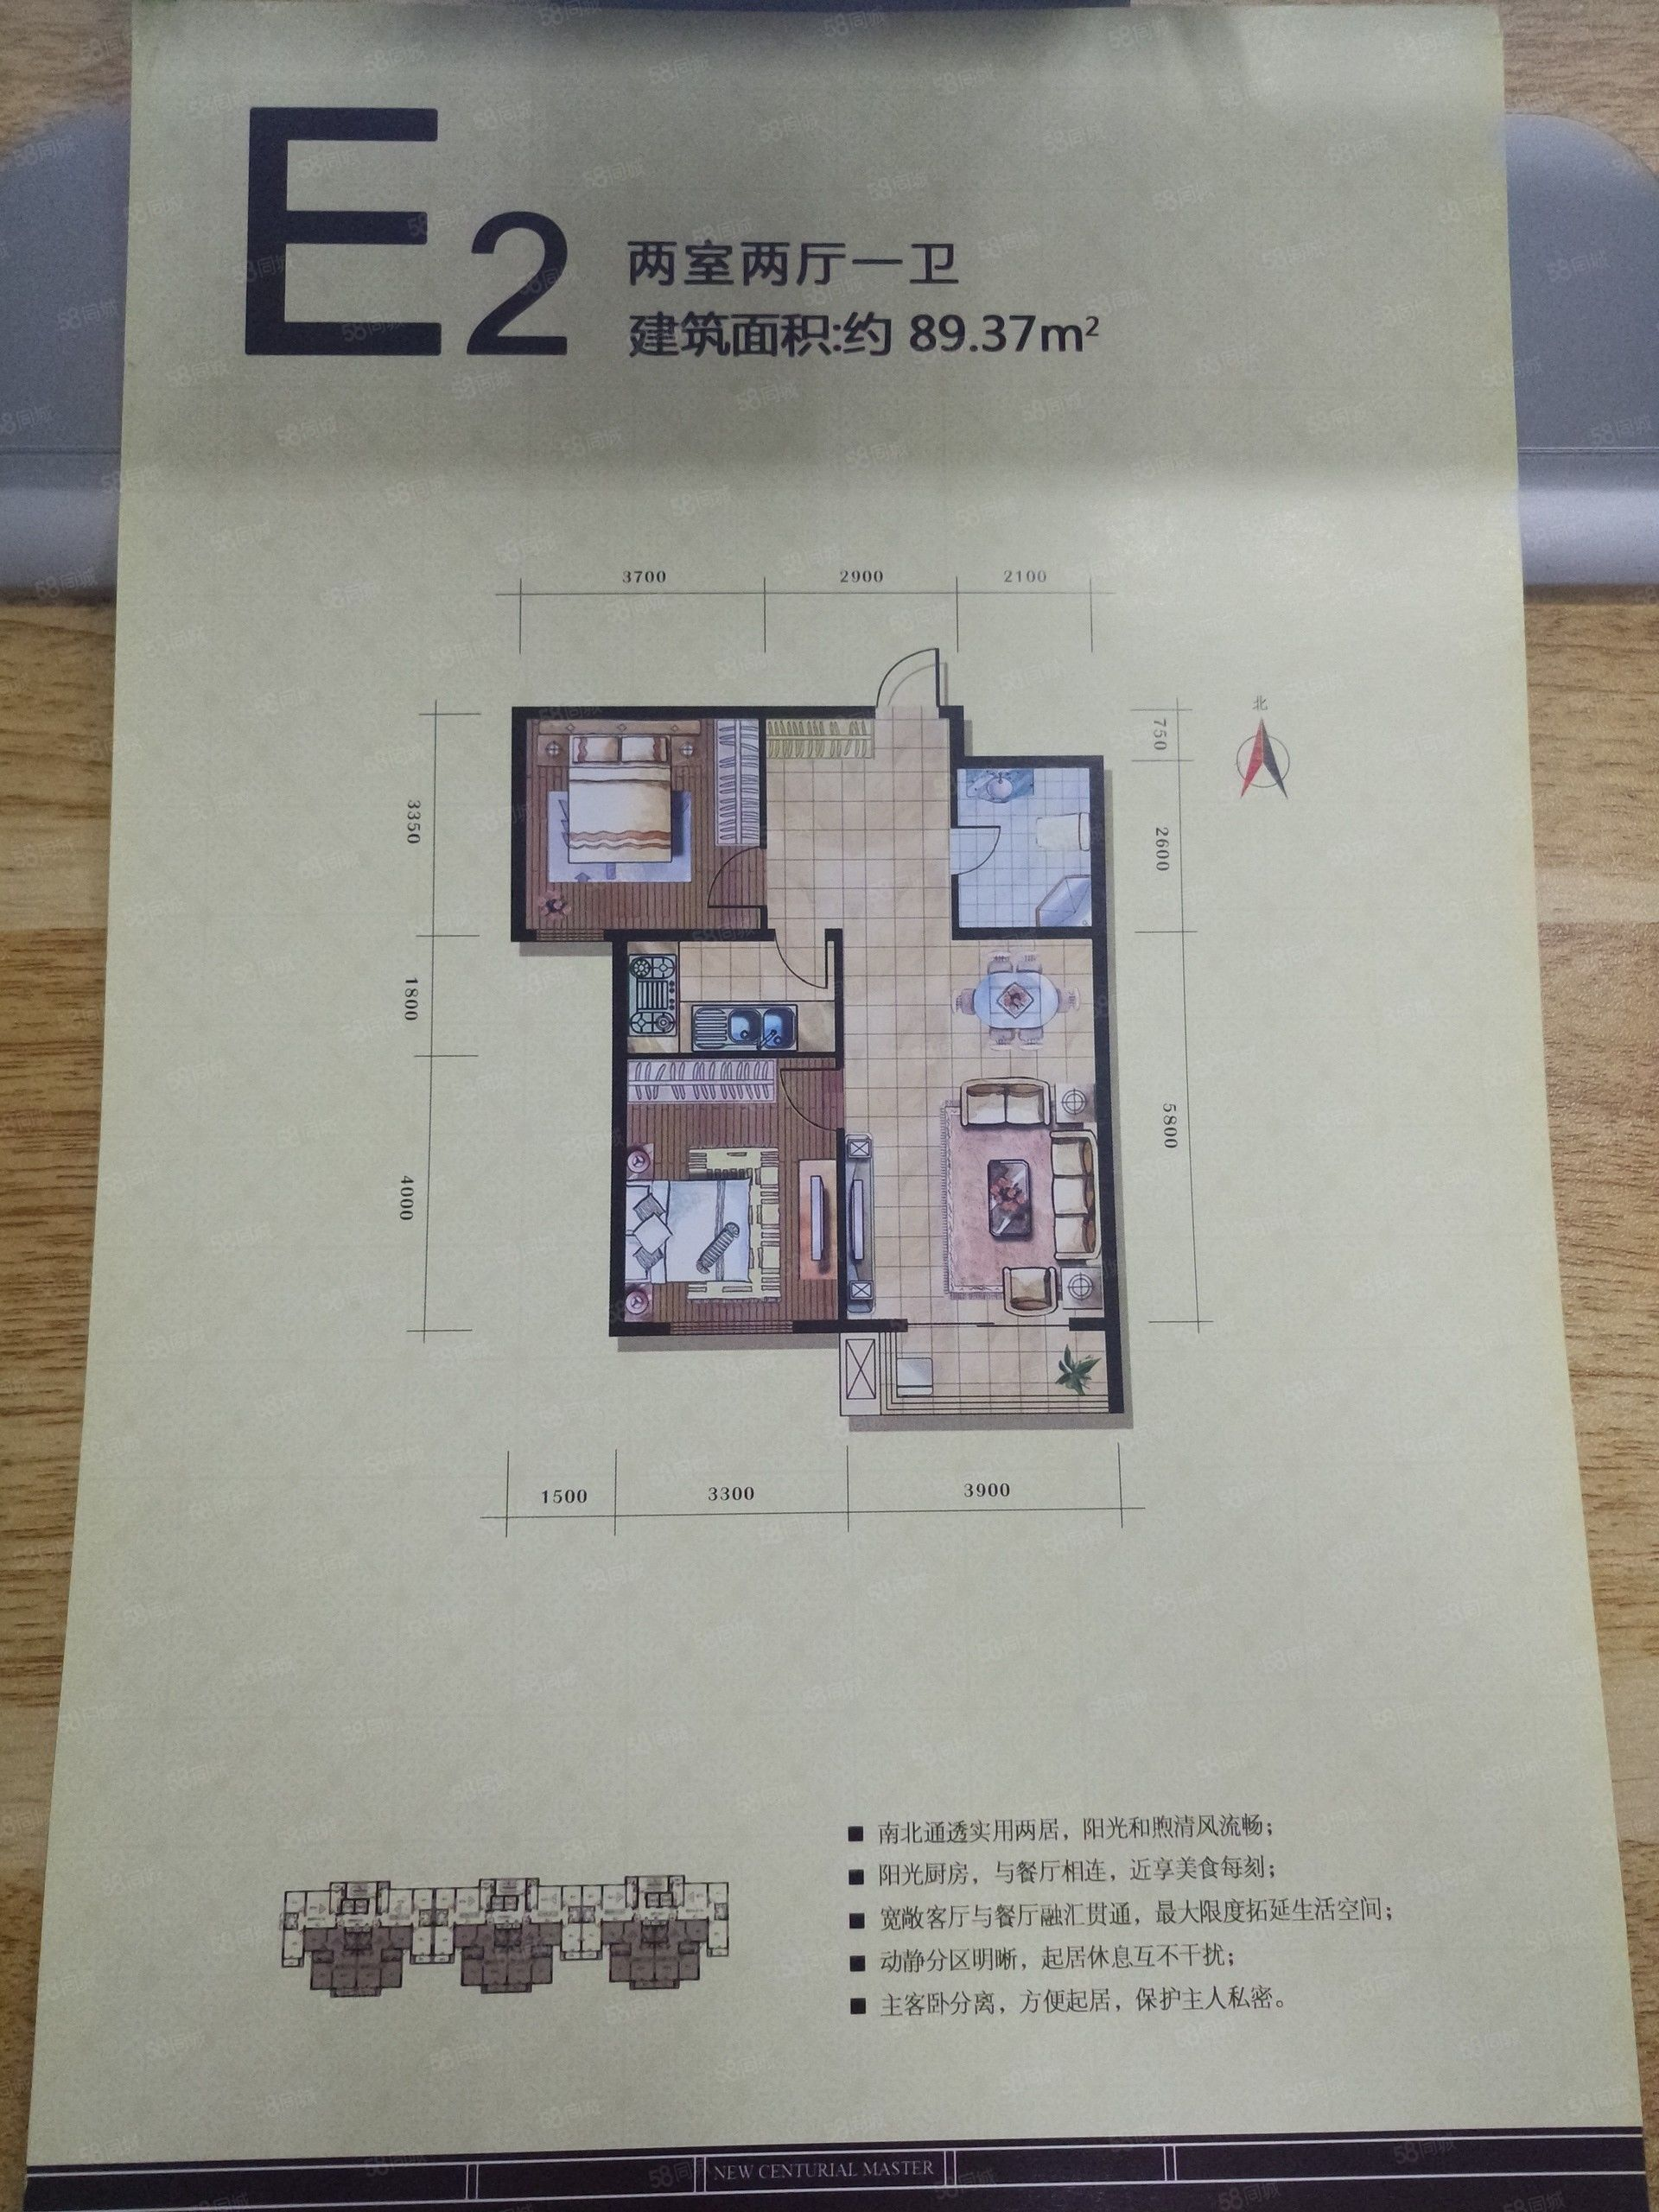 贷款仅需15万文锦华府七中32小北京金山幼儿园